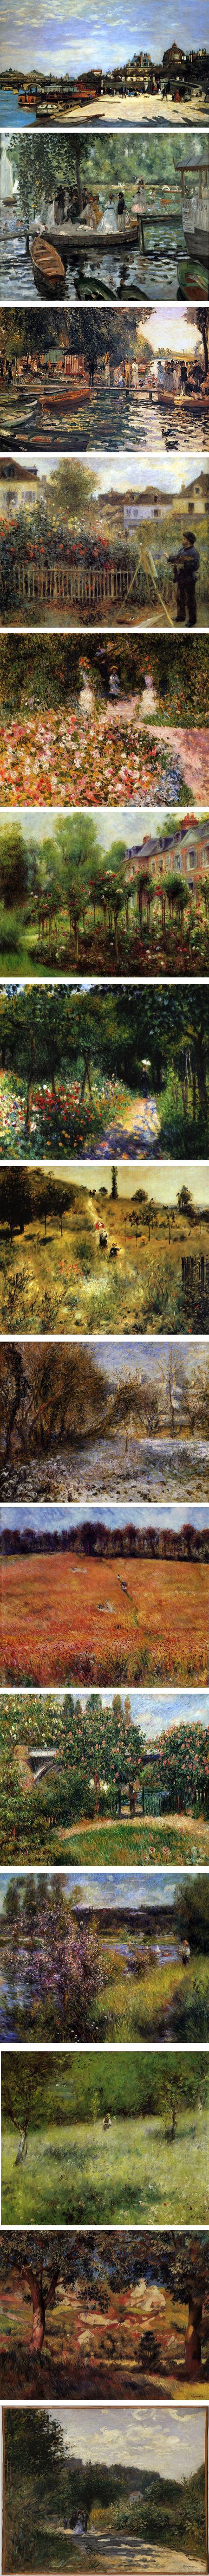 Renoir's landscapes